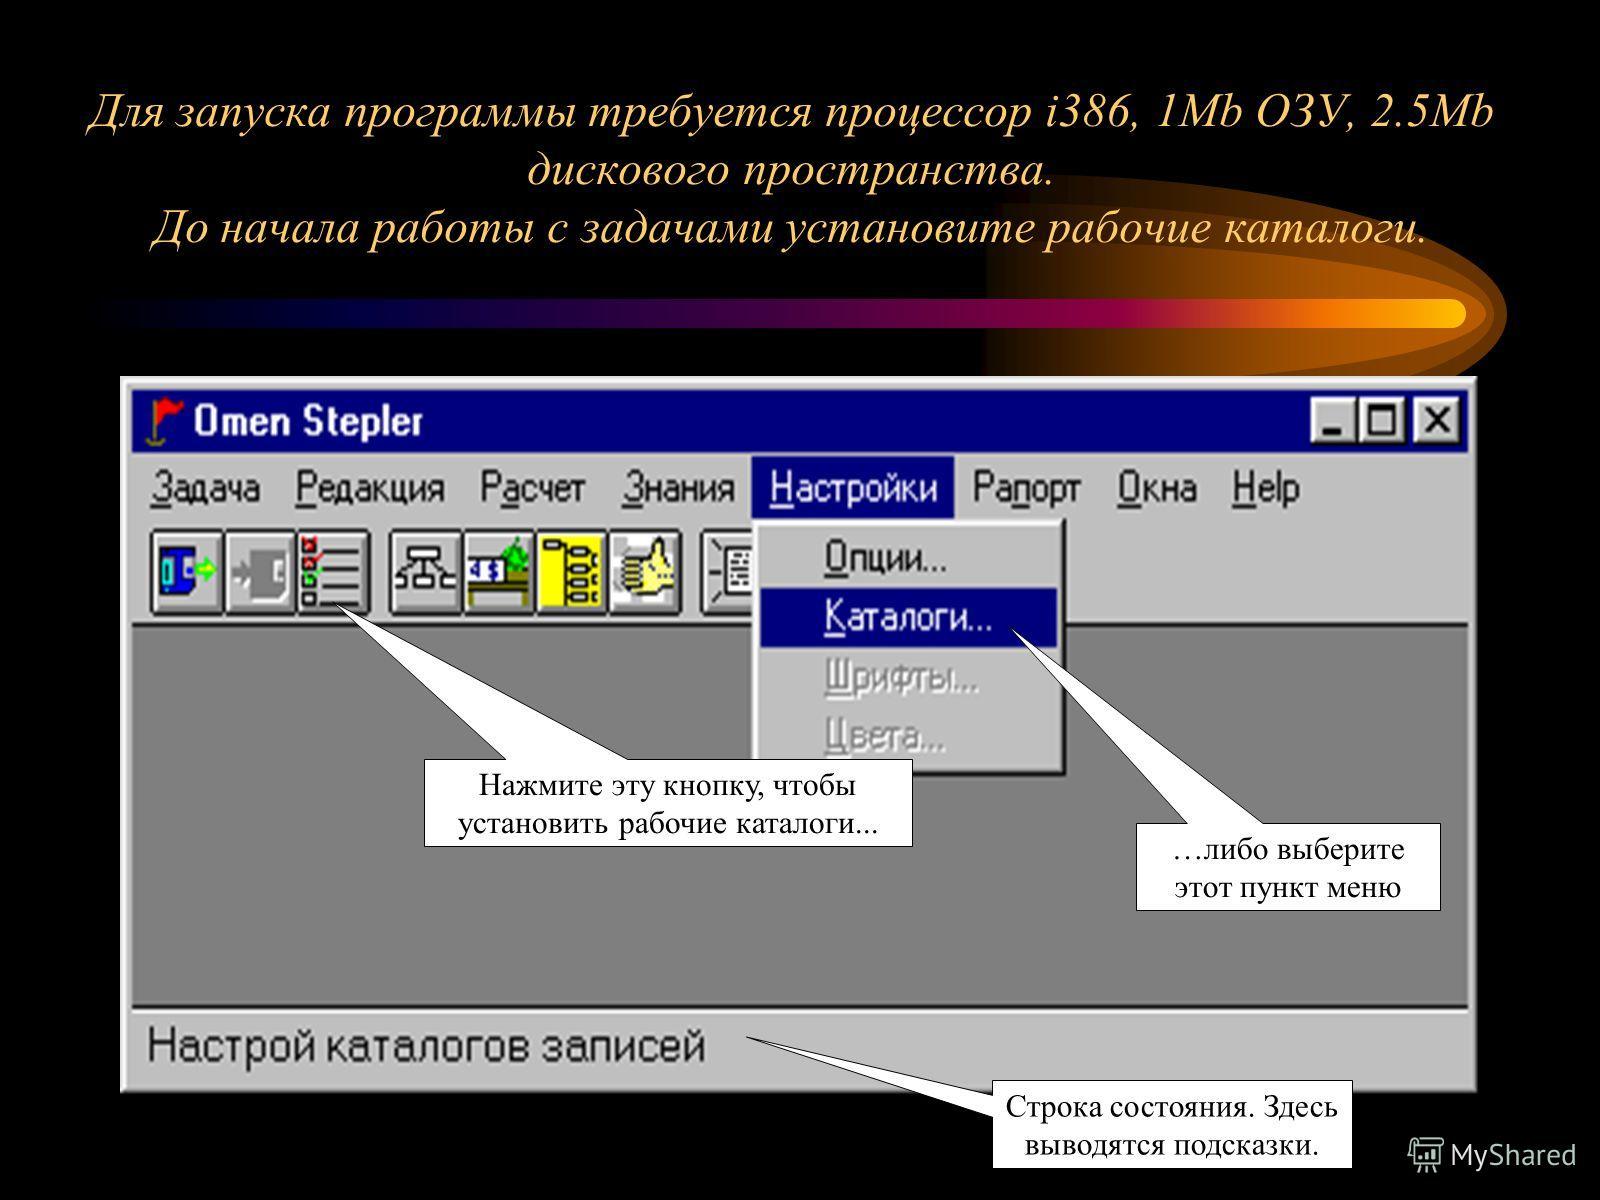 Omen Stapler Данный программный продукт предназначен для проведения системного анализа любых видов человеческой деятельности, связанной с принятием управленческих решений, аналитическим прогнозированием и планированием при нечеткости и неполноте исхо